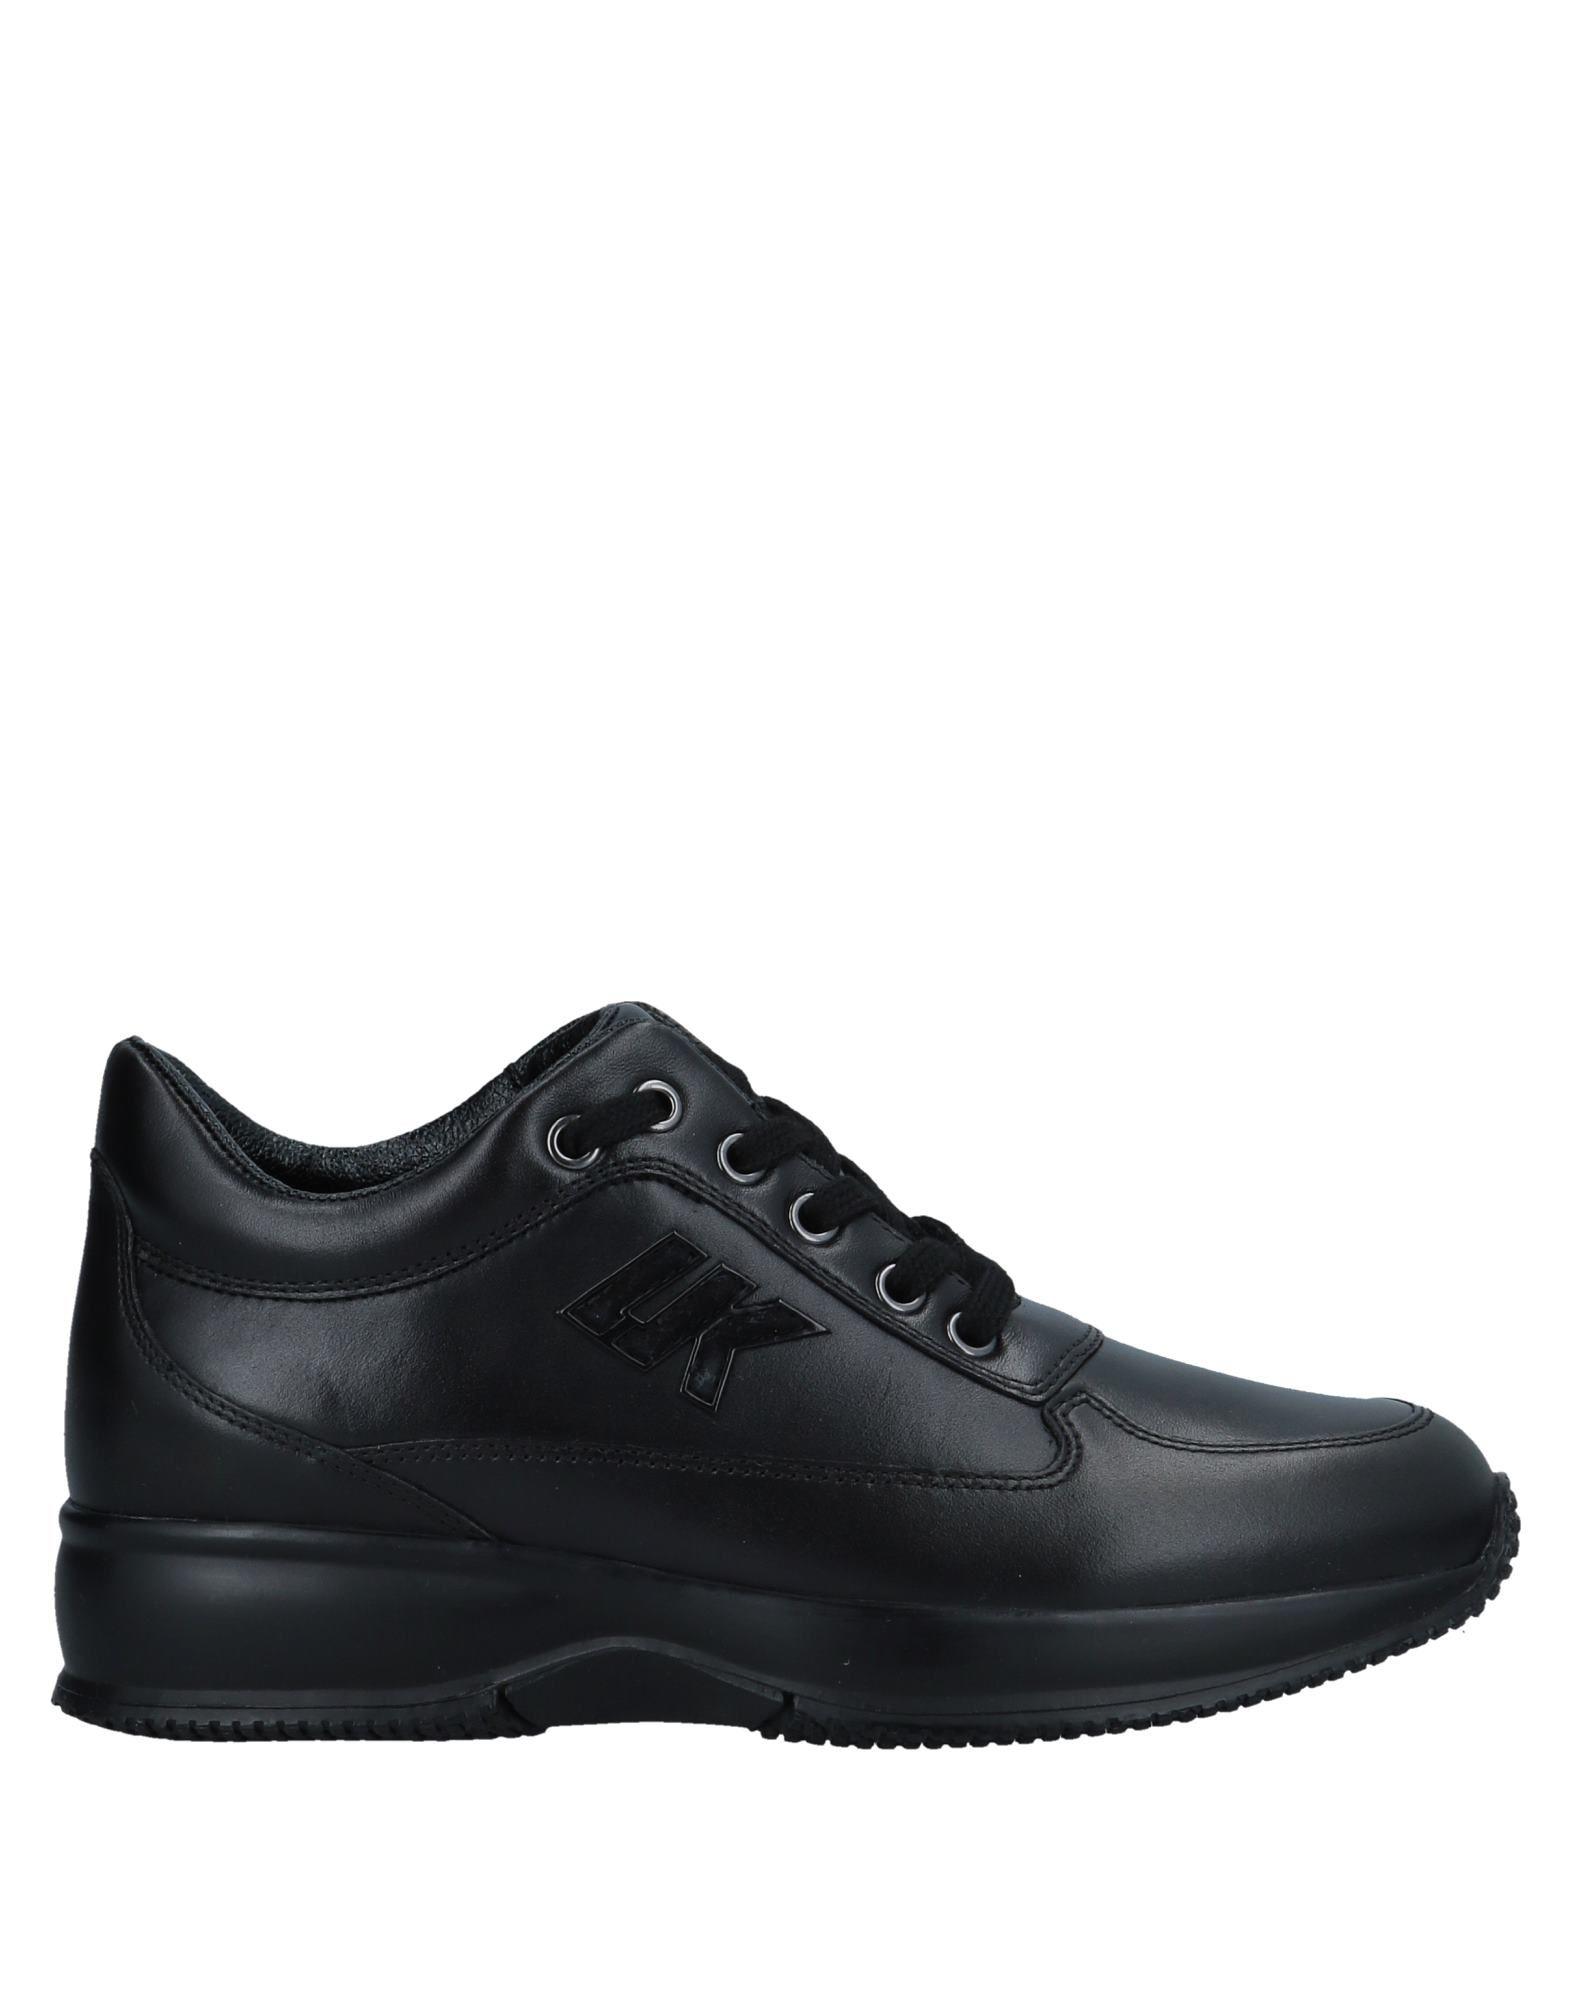 Sneakers Lumberjack Donna - 11559036AA elegante